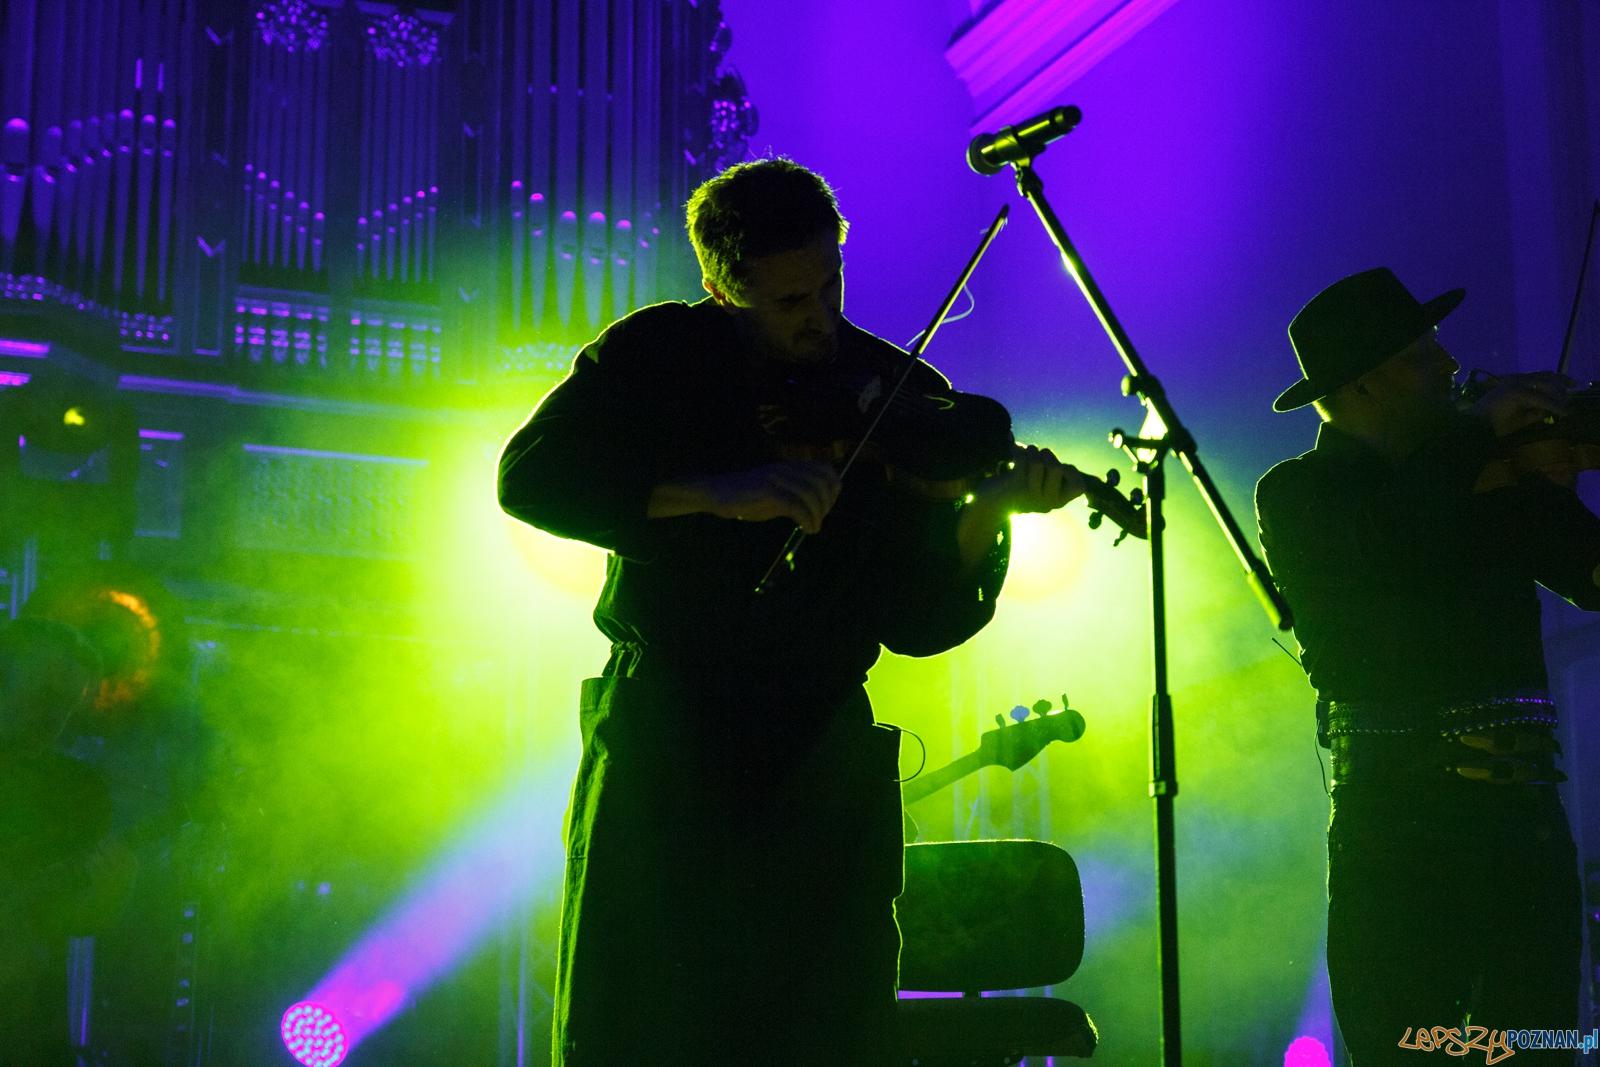 Zakopower i Atom String Quartet - Poznań 9.04.2016 r,  Foto: LepszyPOZNAN.pl / Paweł Rychter